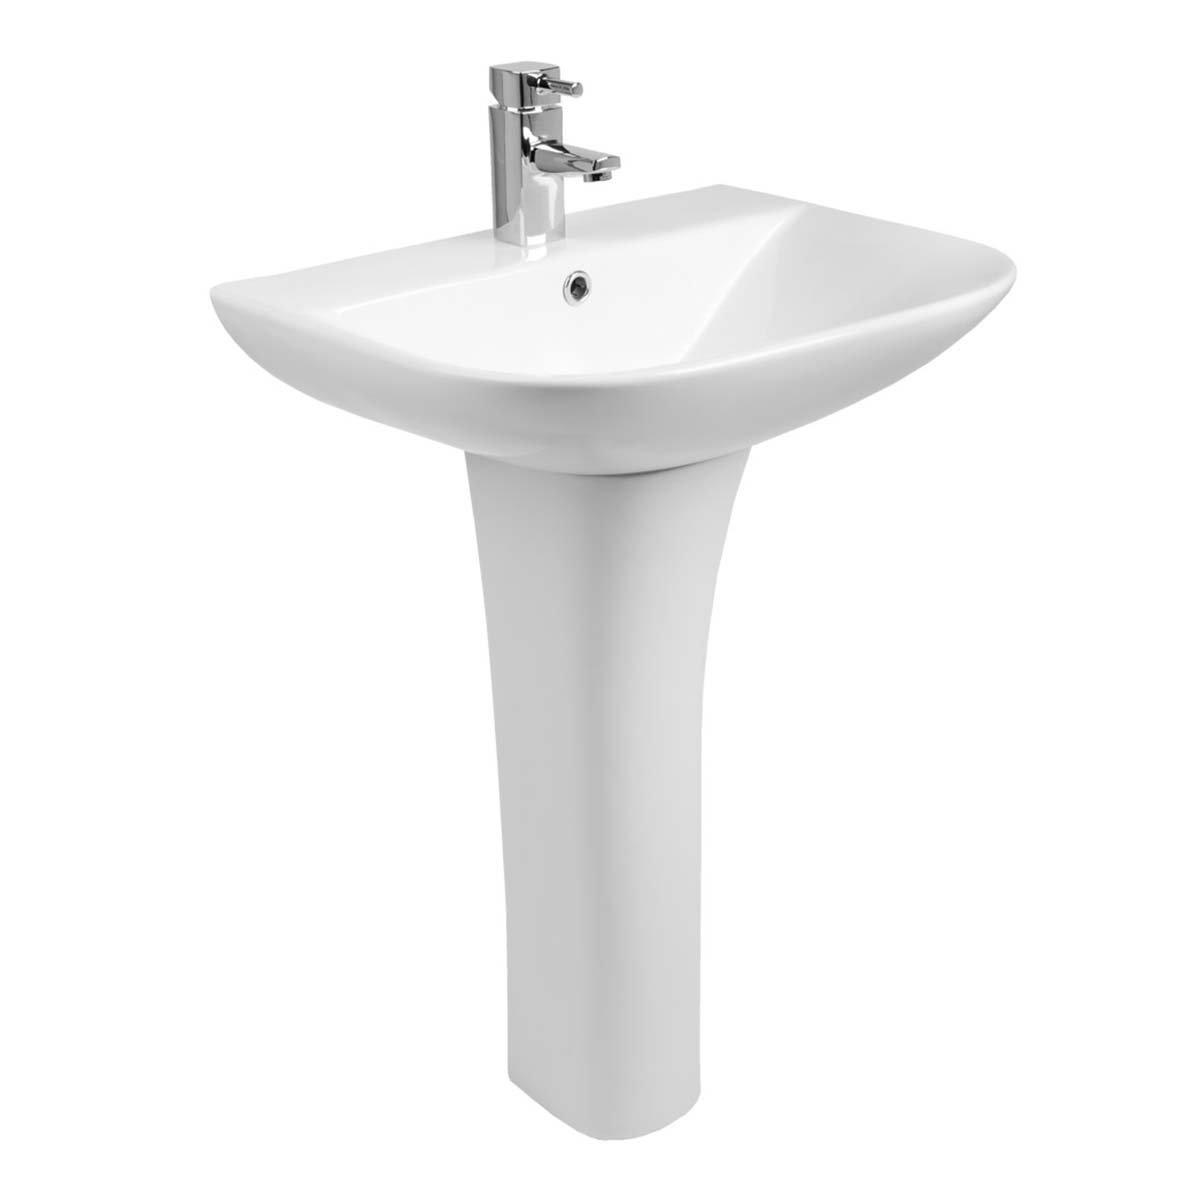 Aquariss Feel lavabo diseño curvado 560 mm Amplio lavabo con ...